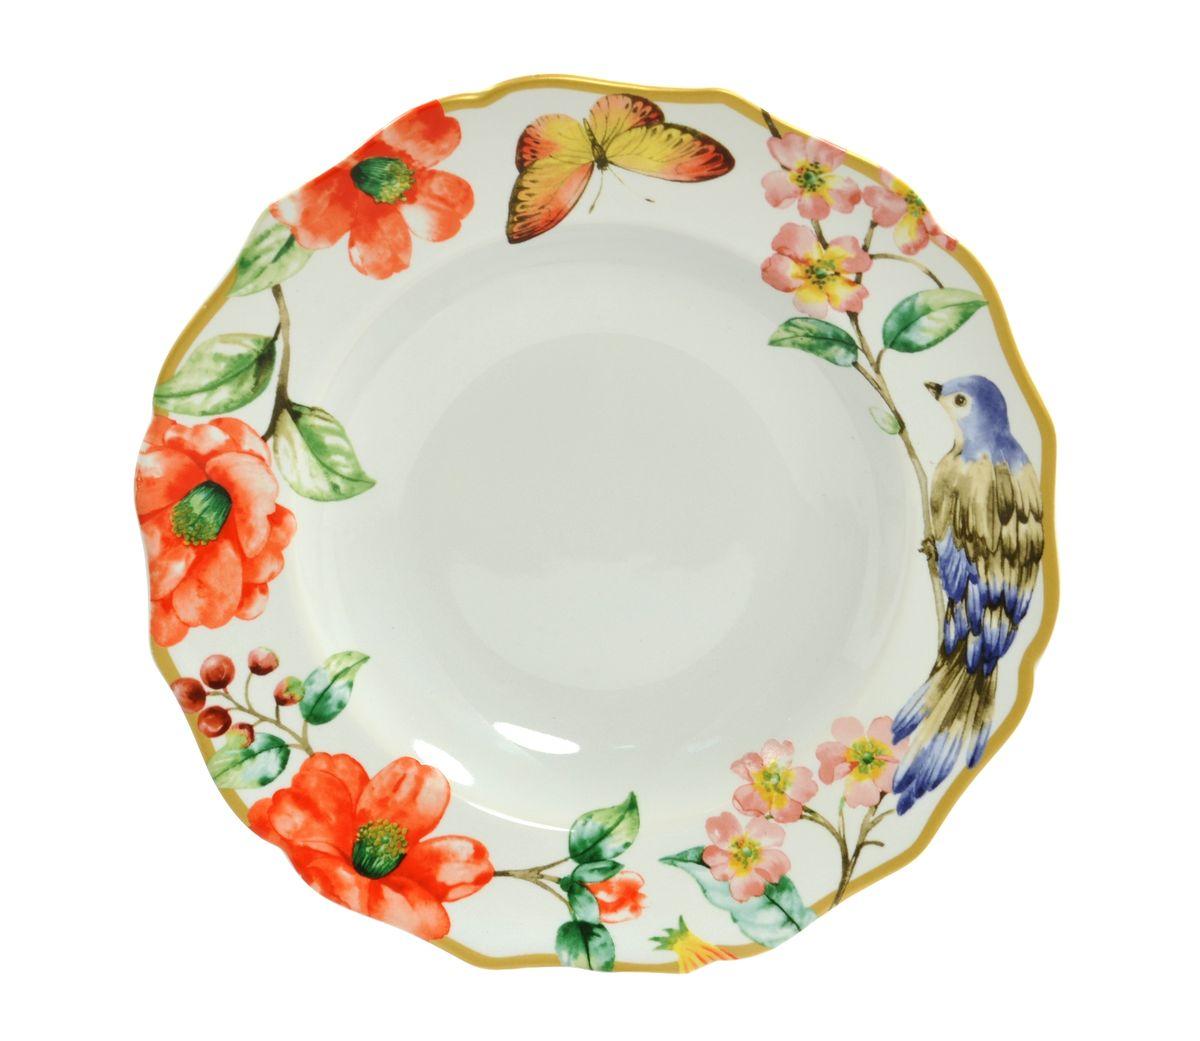 Тарелка глубокая Utana Райский сад, диаметр 23,5 смUTAM94920Тарелка глубокая Utana Райский сад изготовлена из высококачественной керамики. Предназначена для красивой подачи различных блюд. Изделие декорировано ярким рисунком. Такая тарелка украсит сервировку стола и подчеркнет прекрасный вкус хозяйки. Можно мыть в посудомоечной машине и использовать в СВЧ. Диаметр: 23,5 см. Высота: 3,5 см.